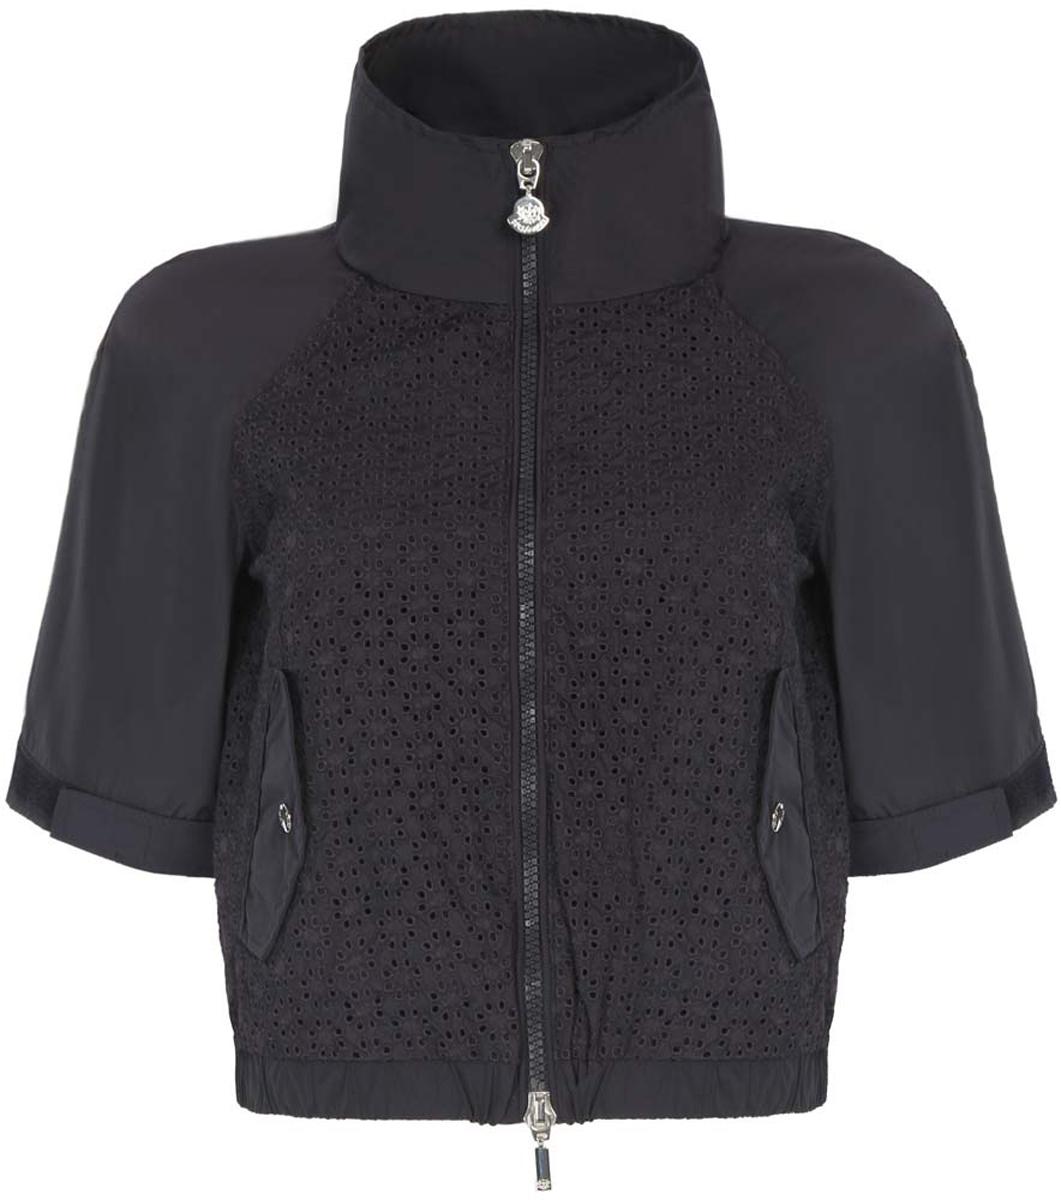 Куртка10307004-1/45462/7900NКуртка женская oodji Ultra исполнена из высококачественного полиэстера - износостойкого не мнущегося быстросохнущего материала и вставками из полиамида. Подкладка так же исполнена из полиамида. Изделие имеет воротник-стойку, короткие рукава, два кармана по бокам от талии на кнопках. Низ изделия дополнен широкой резинкой и липучками. Рукава так же дополнены липучками по низу. Куртка застегивается спереди на молнию.